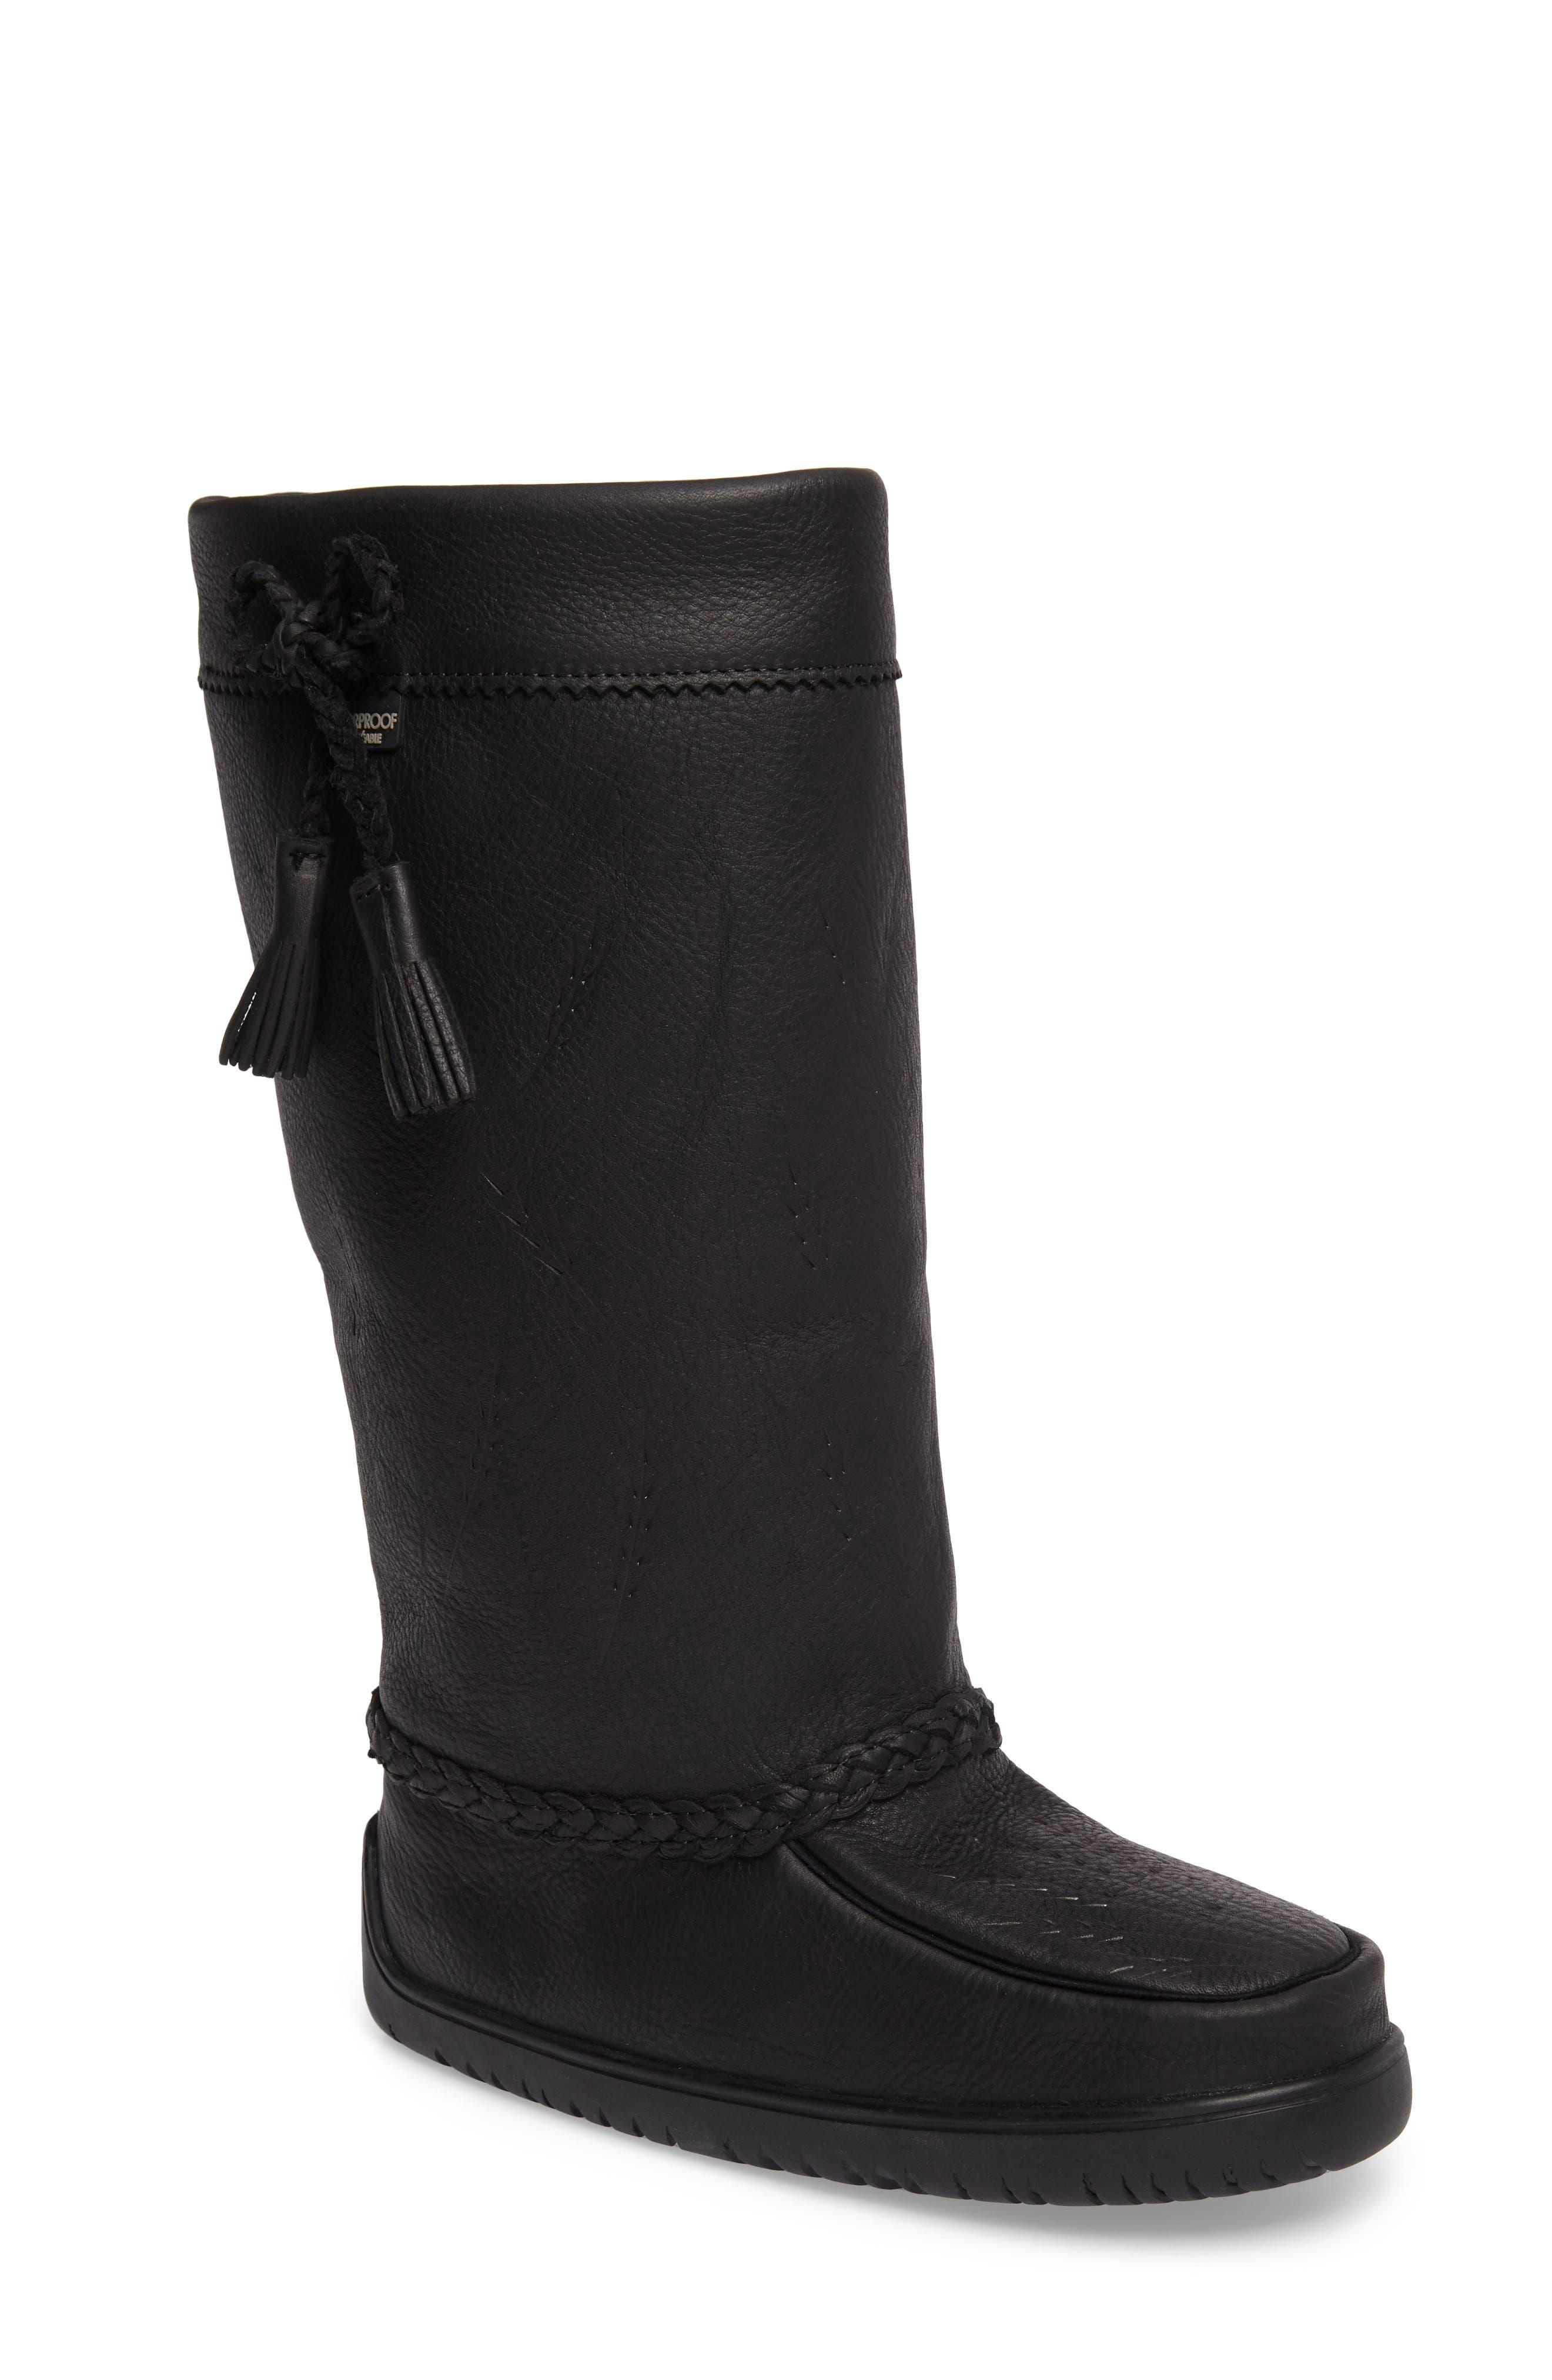 Alternate Image 1 Selected - Manitobah Mukluks Tamarack Waterproof Genuine Shearling Boot (Women) (Wide Calf)